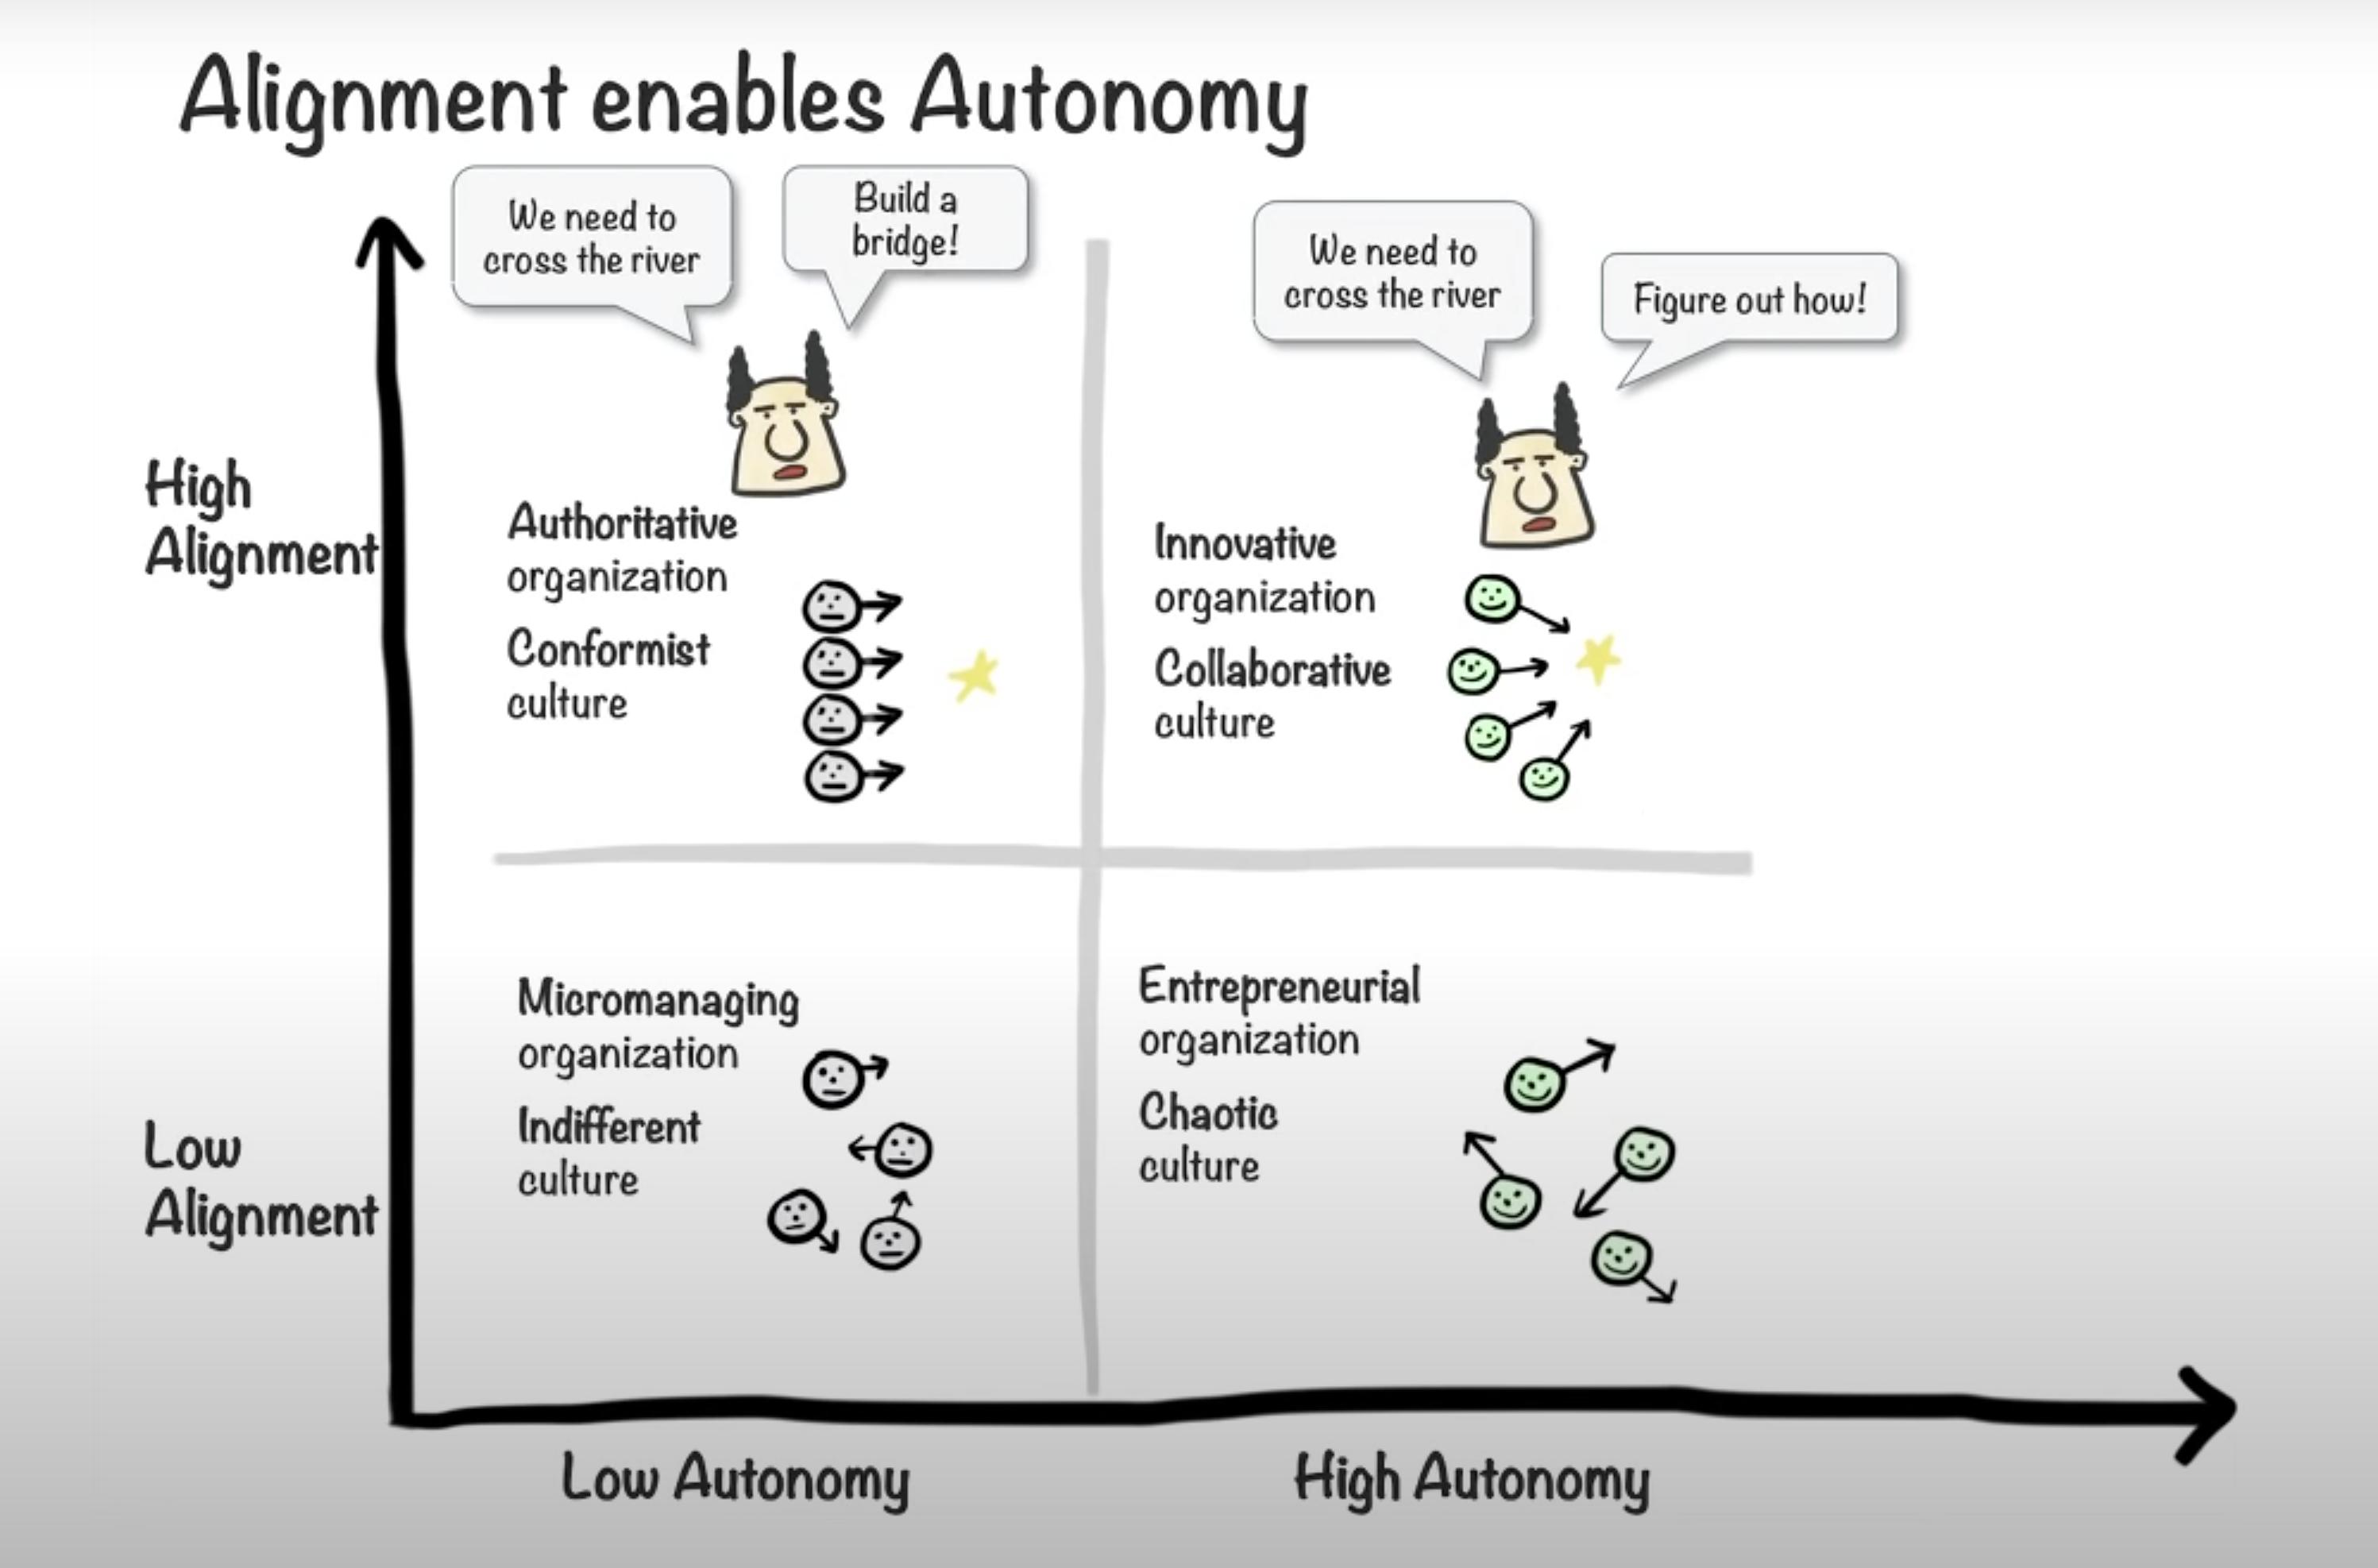 alignment enables autonomy